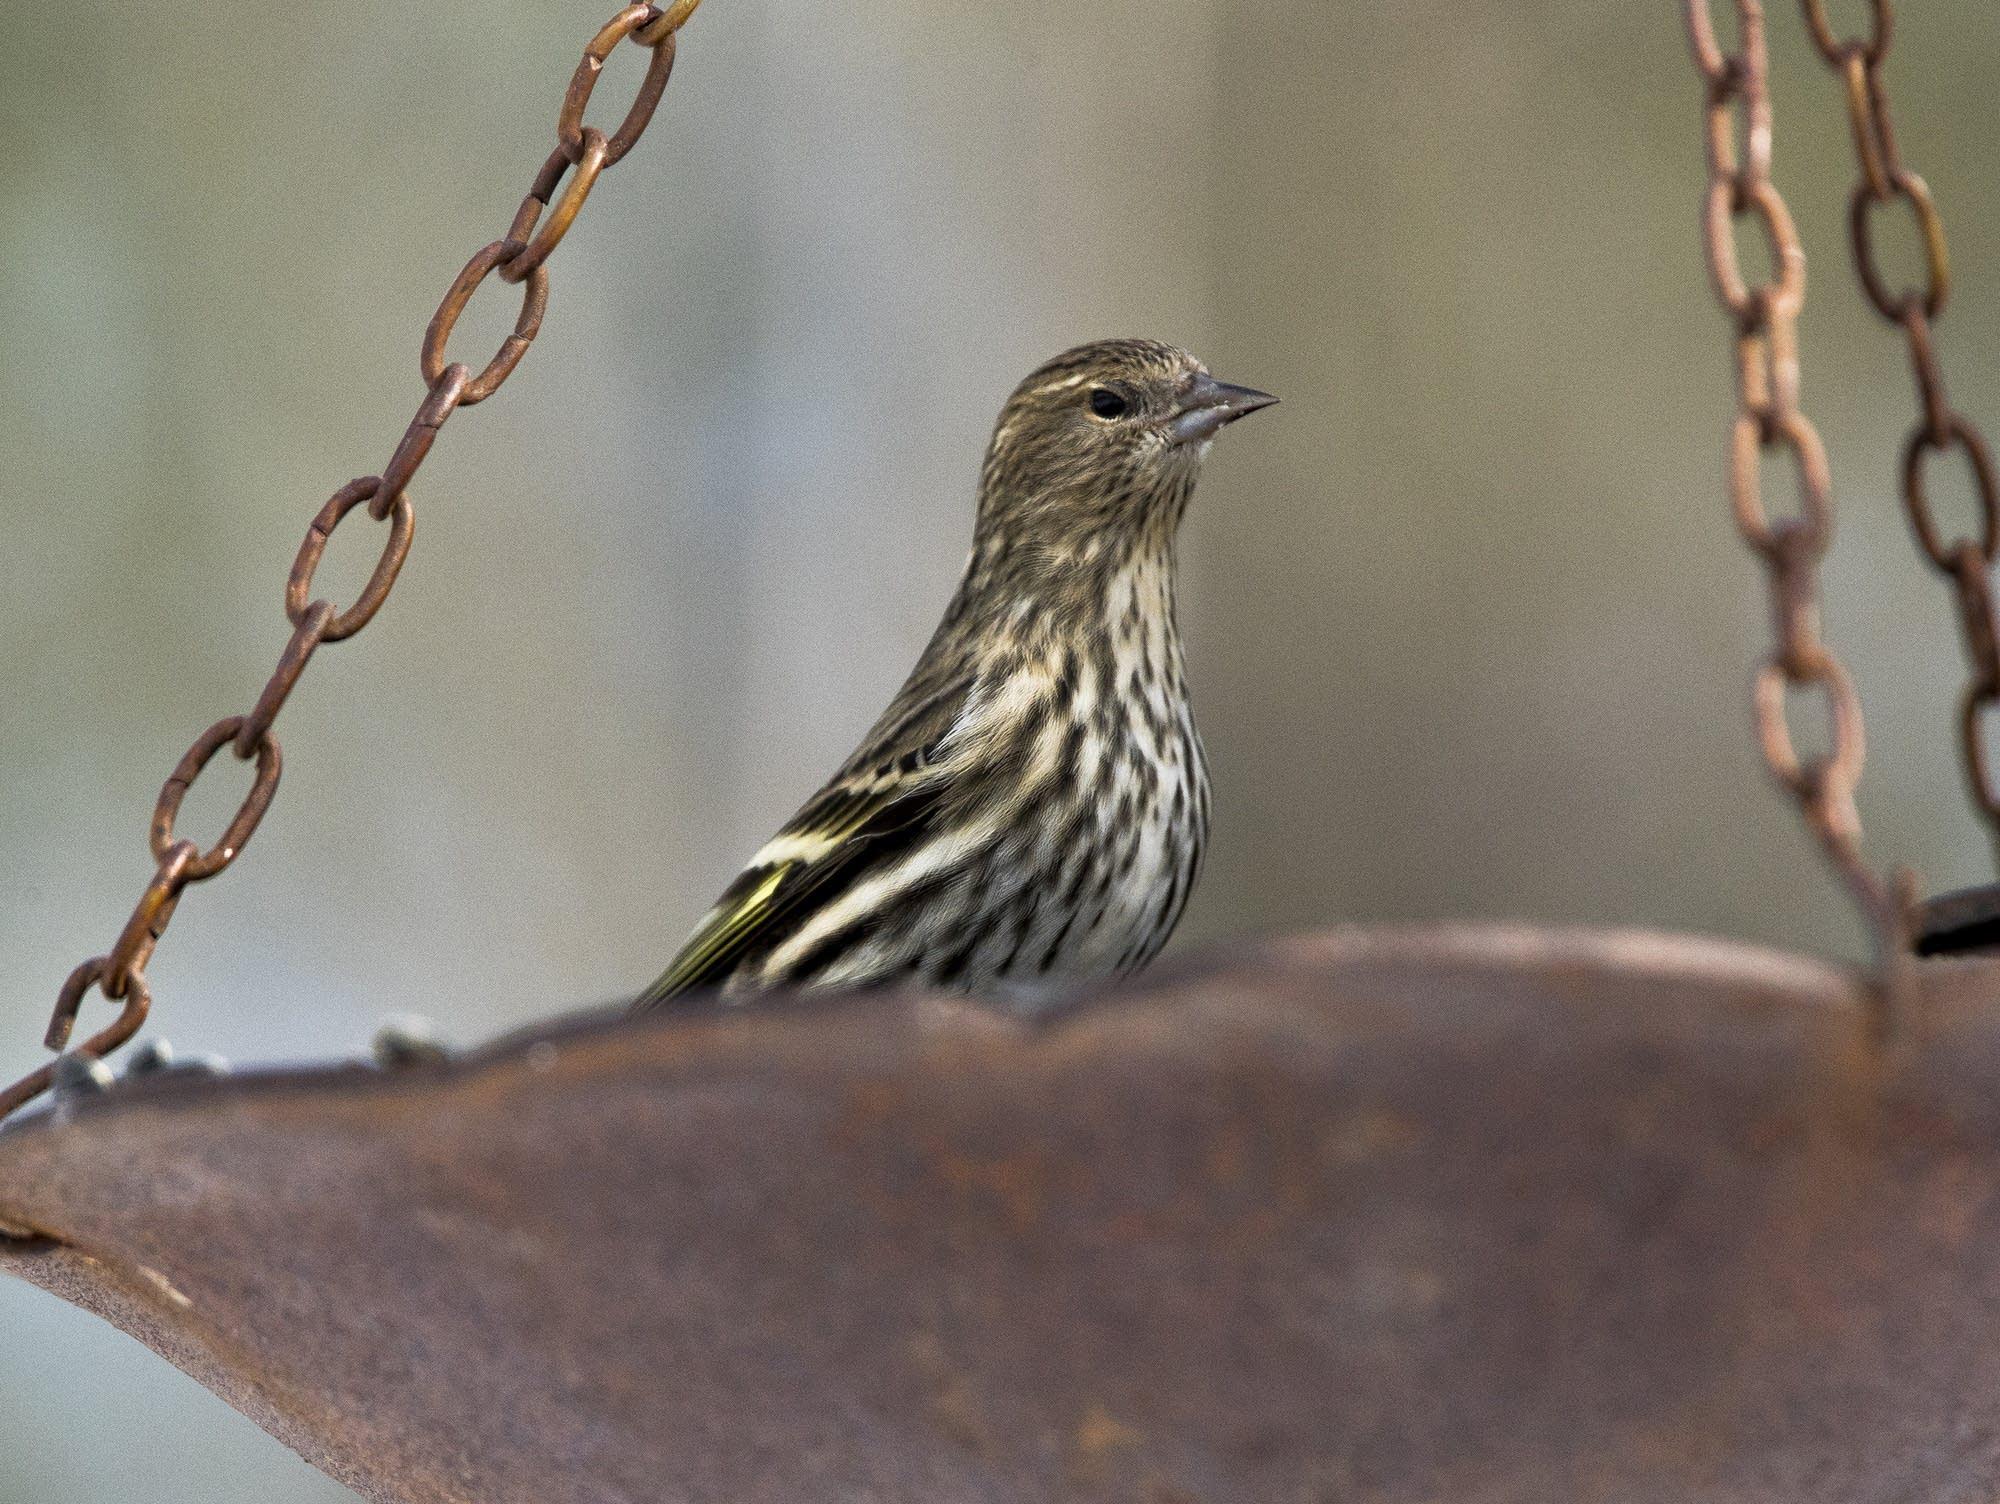 A pine siskin rests in a bird feeder